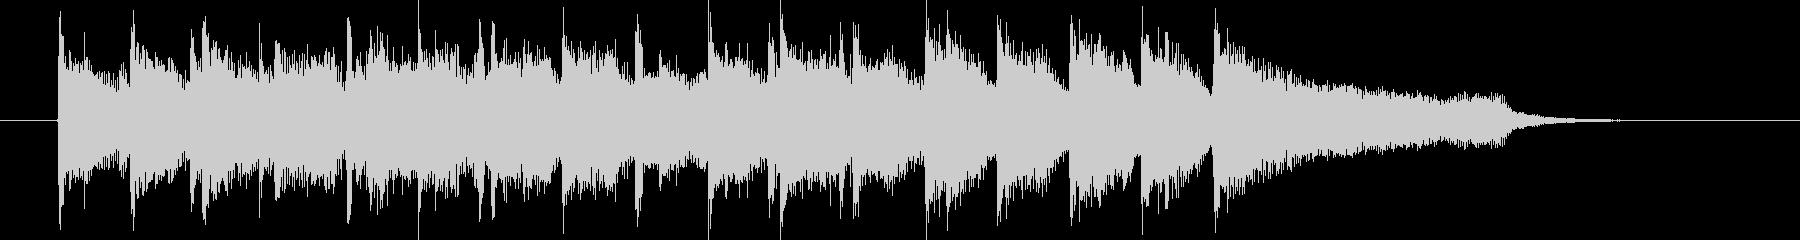 明るく弾みのある短いシンセサイザーの曲の未再生の波形